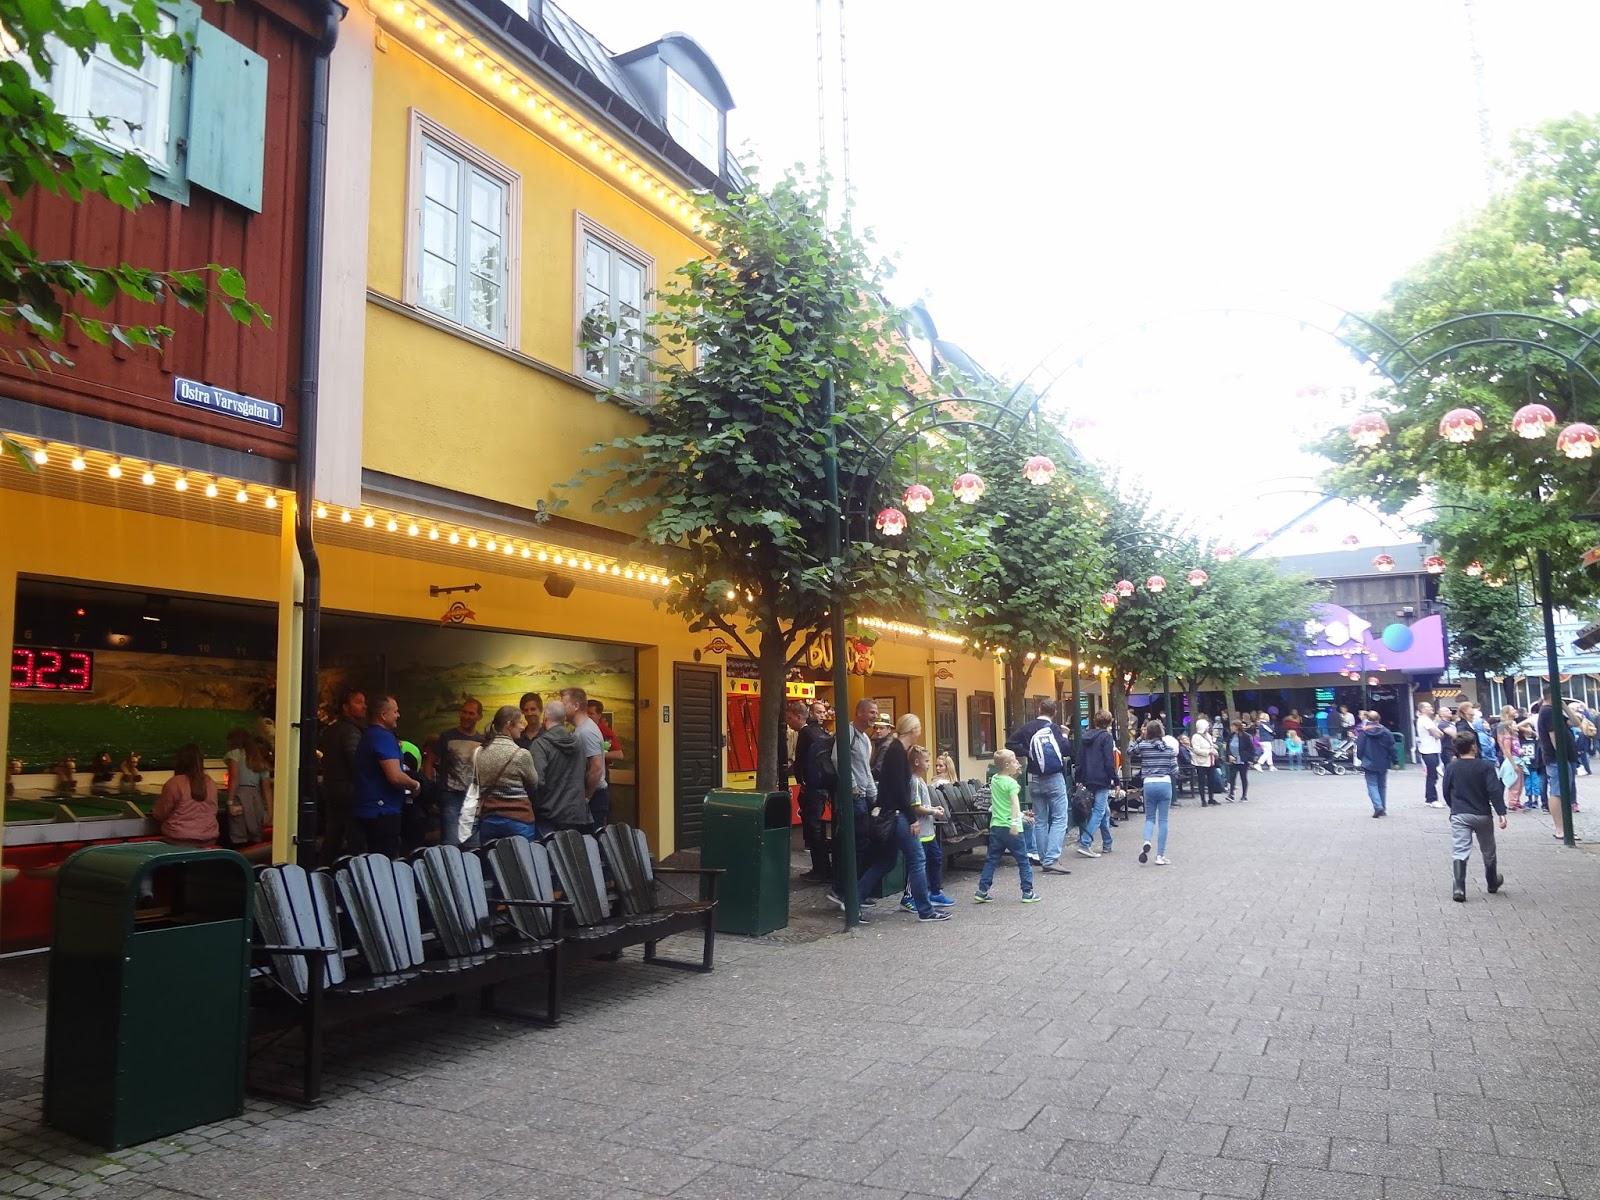 Parc attration Gröna Lund